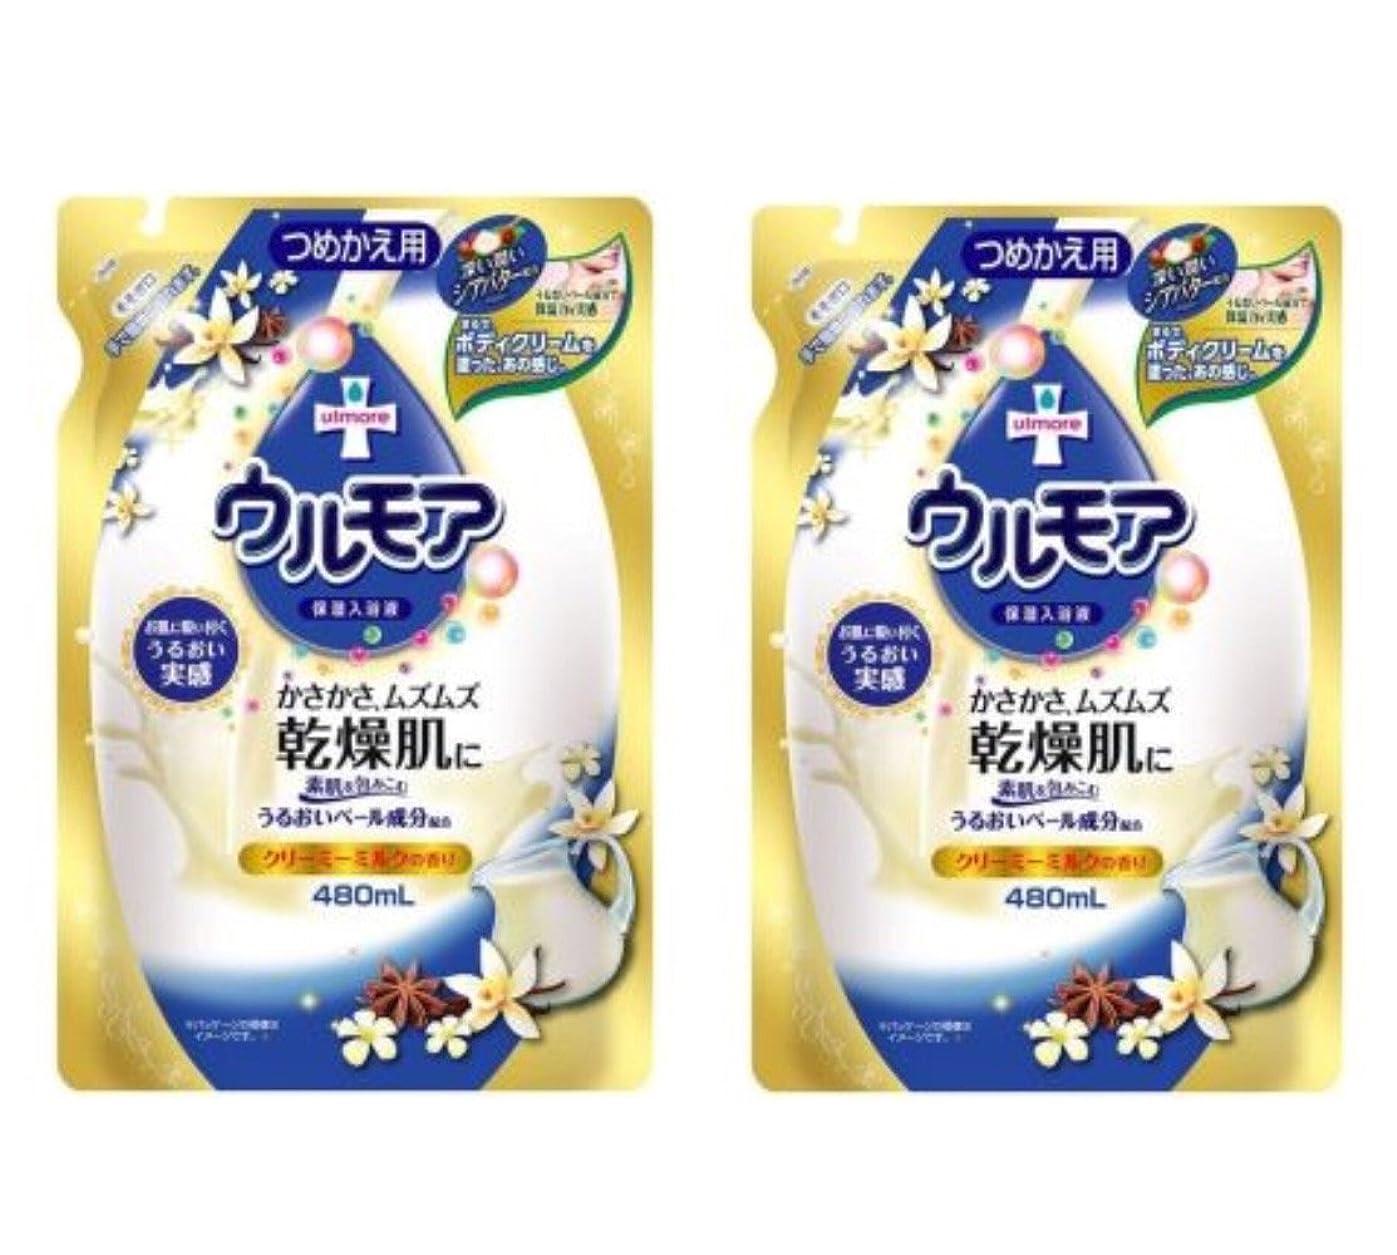 繁雑する浪費アース製薬 保湿入浴液 ウルモア クリーミーミルク詰替 480ml×2個セット